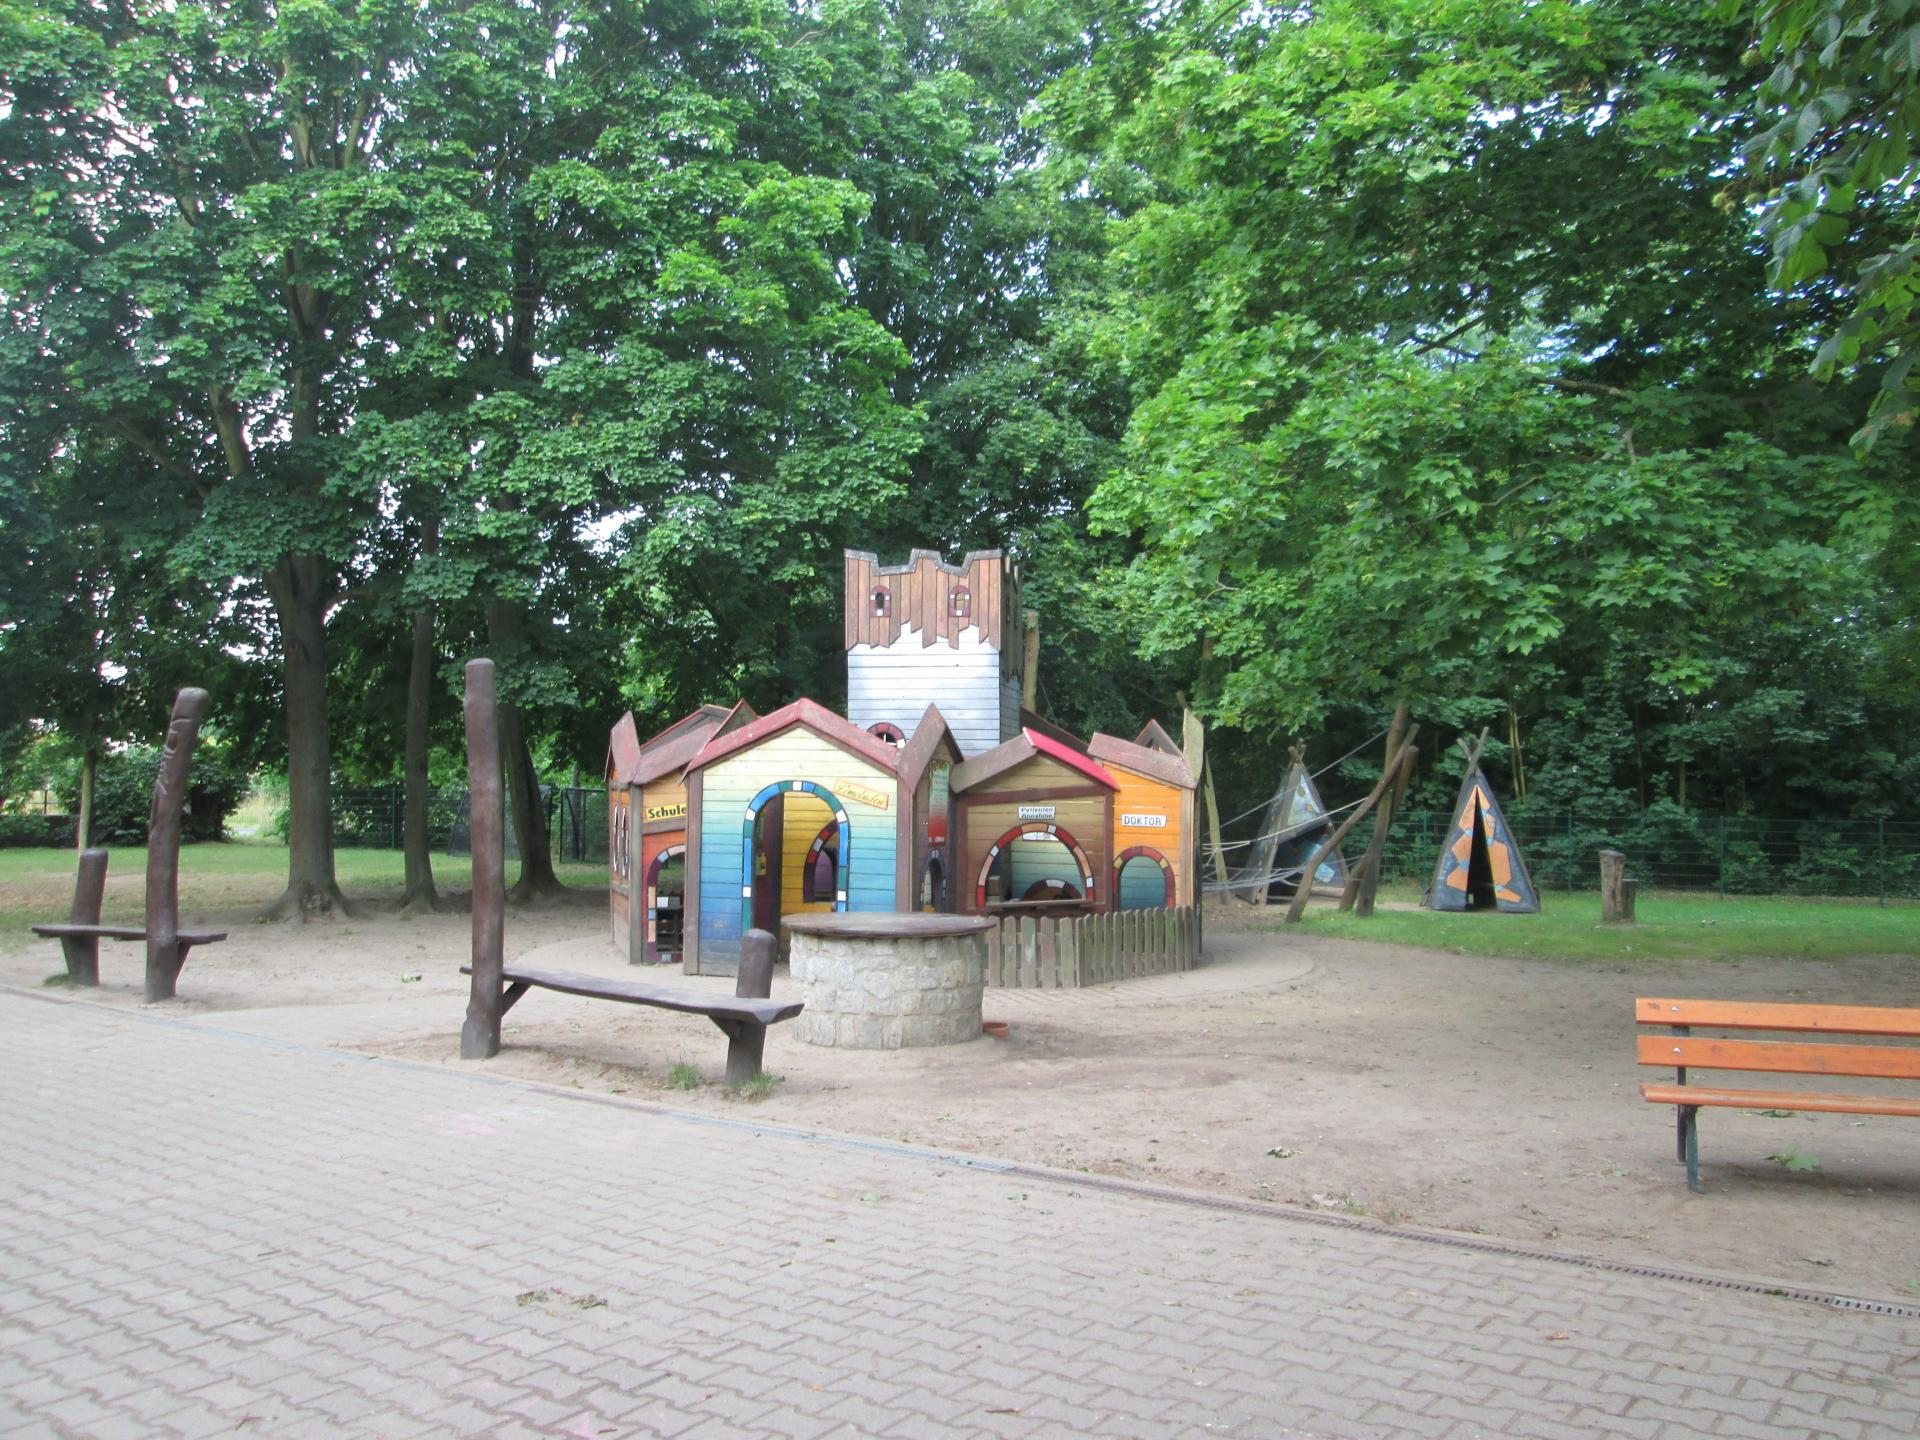 Hortspielplatz 1